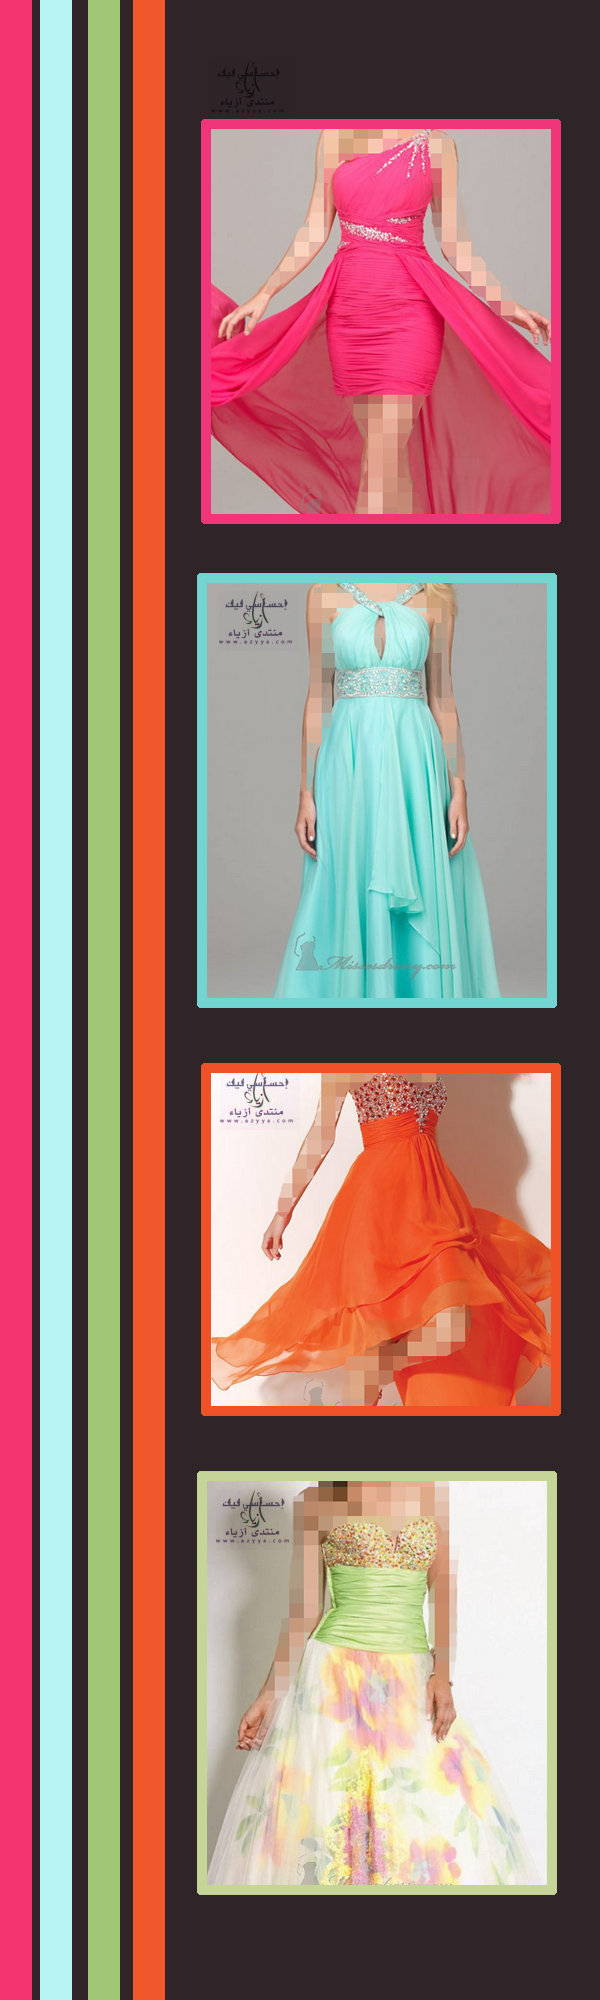 مواضيع ذات صلةفساتين ماكسى لصيف 2012فساتين الزفاف 2012_2013 للمصممه